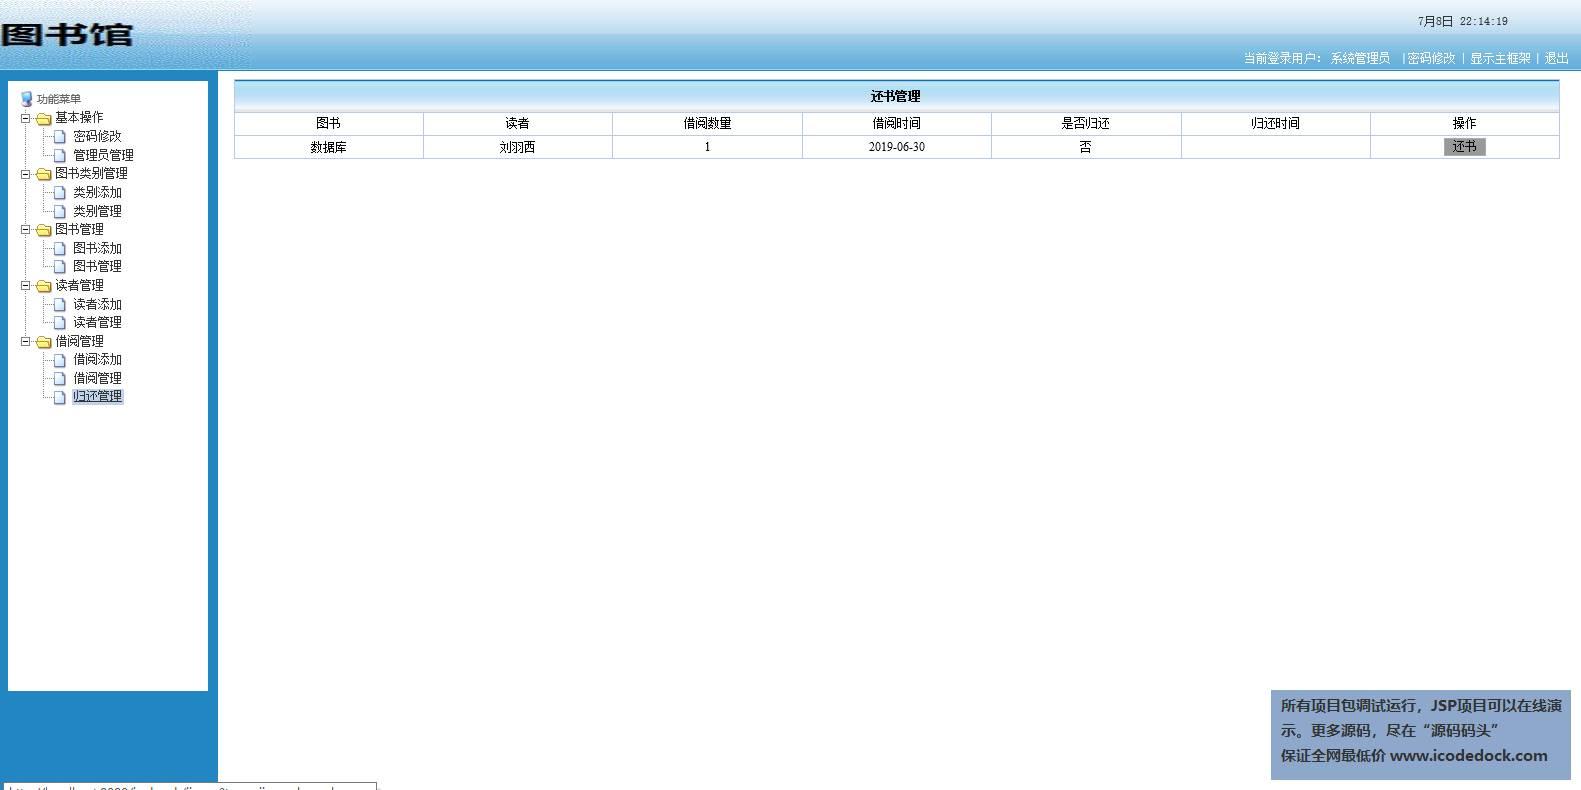 源码码头-JSP图书管理系统-还书管理